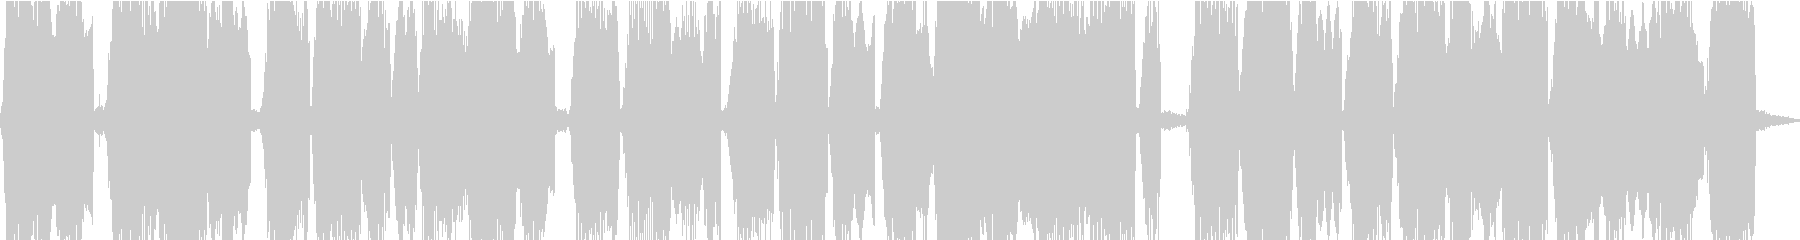 【15秒】昭和ノスタルジー/TVCM用の未再生の波形